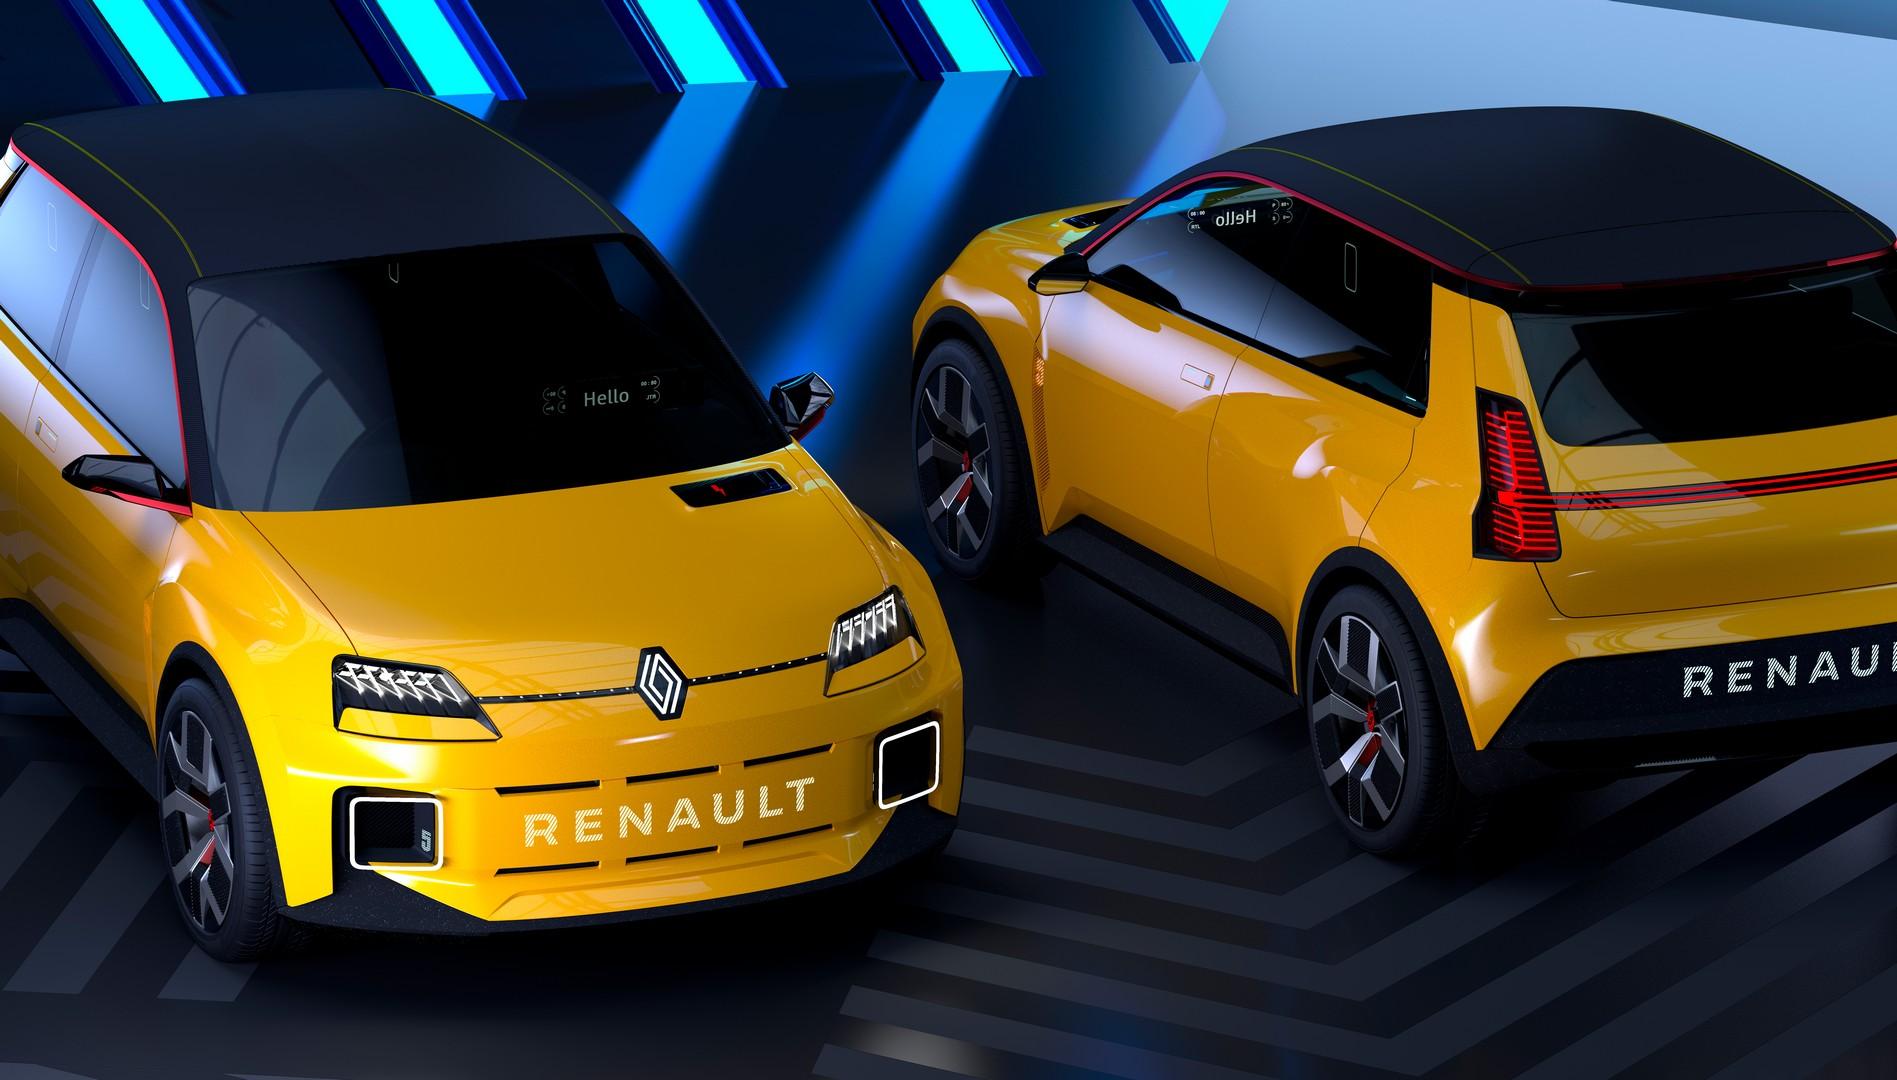 Renault 5 Protoype